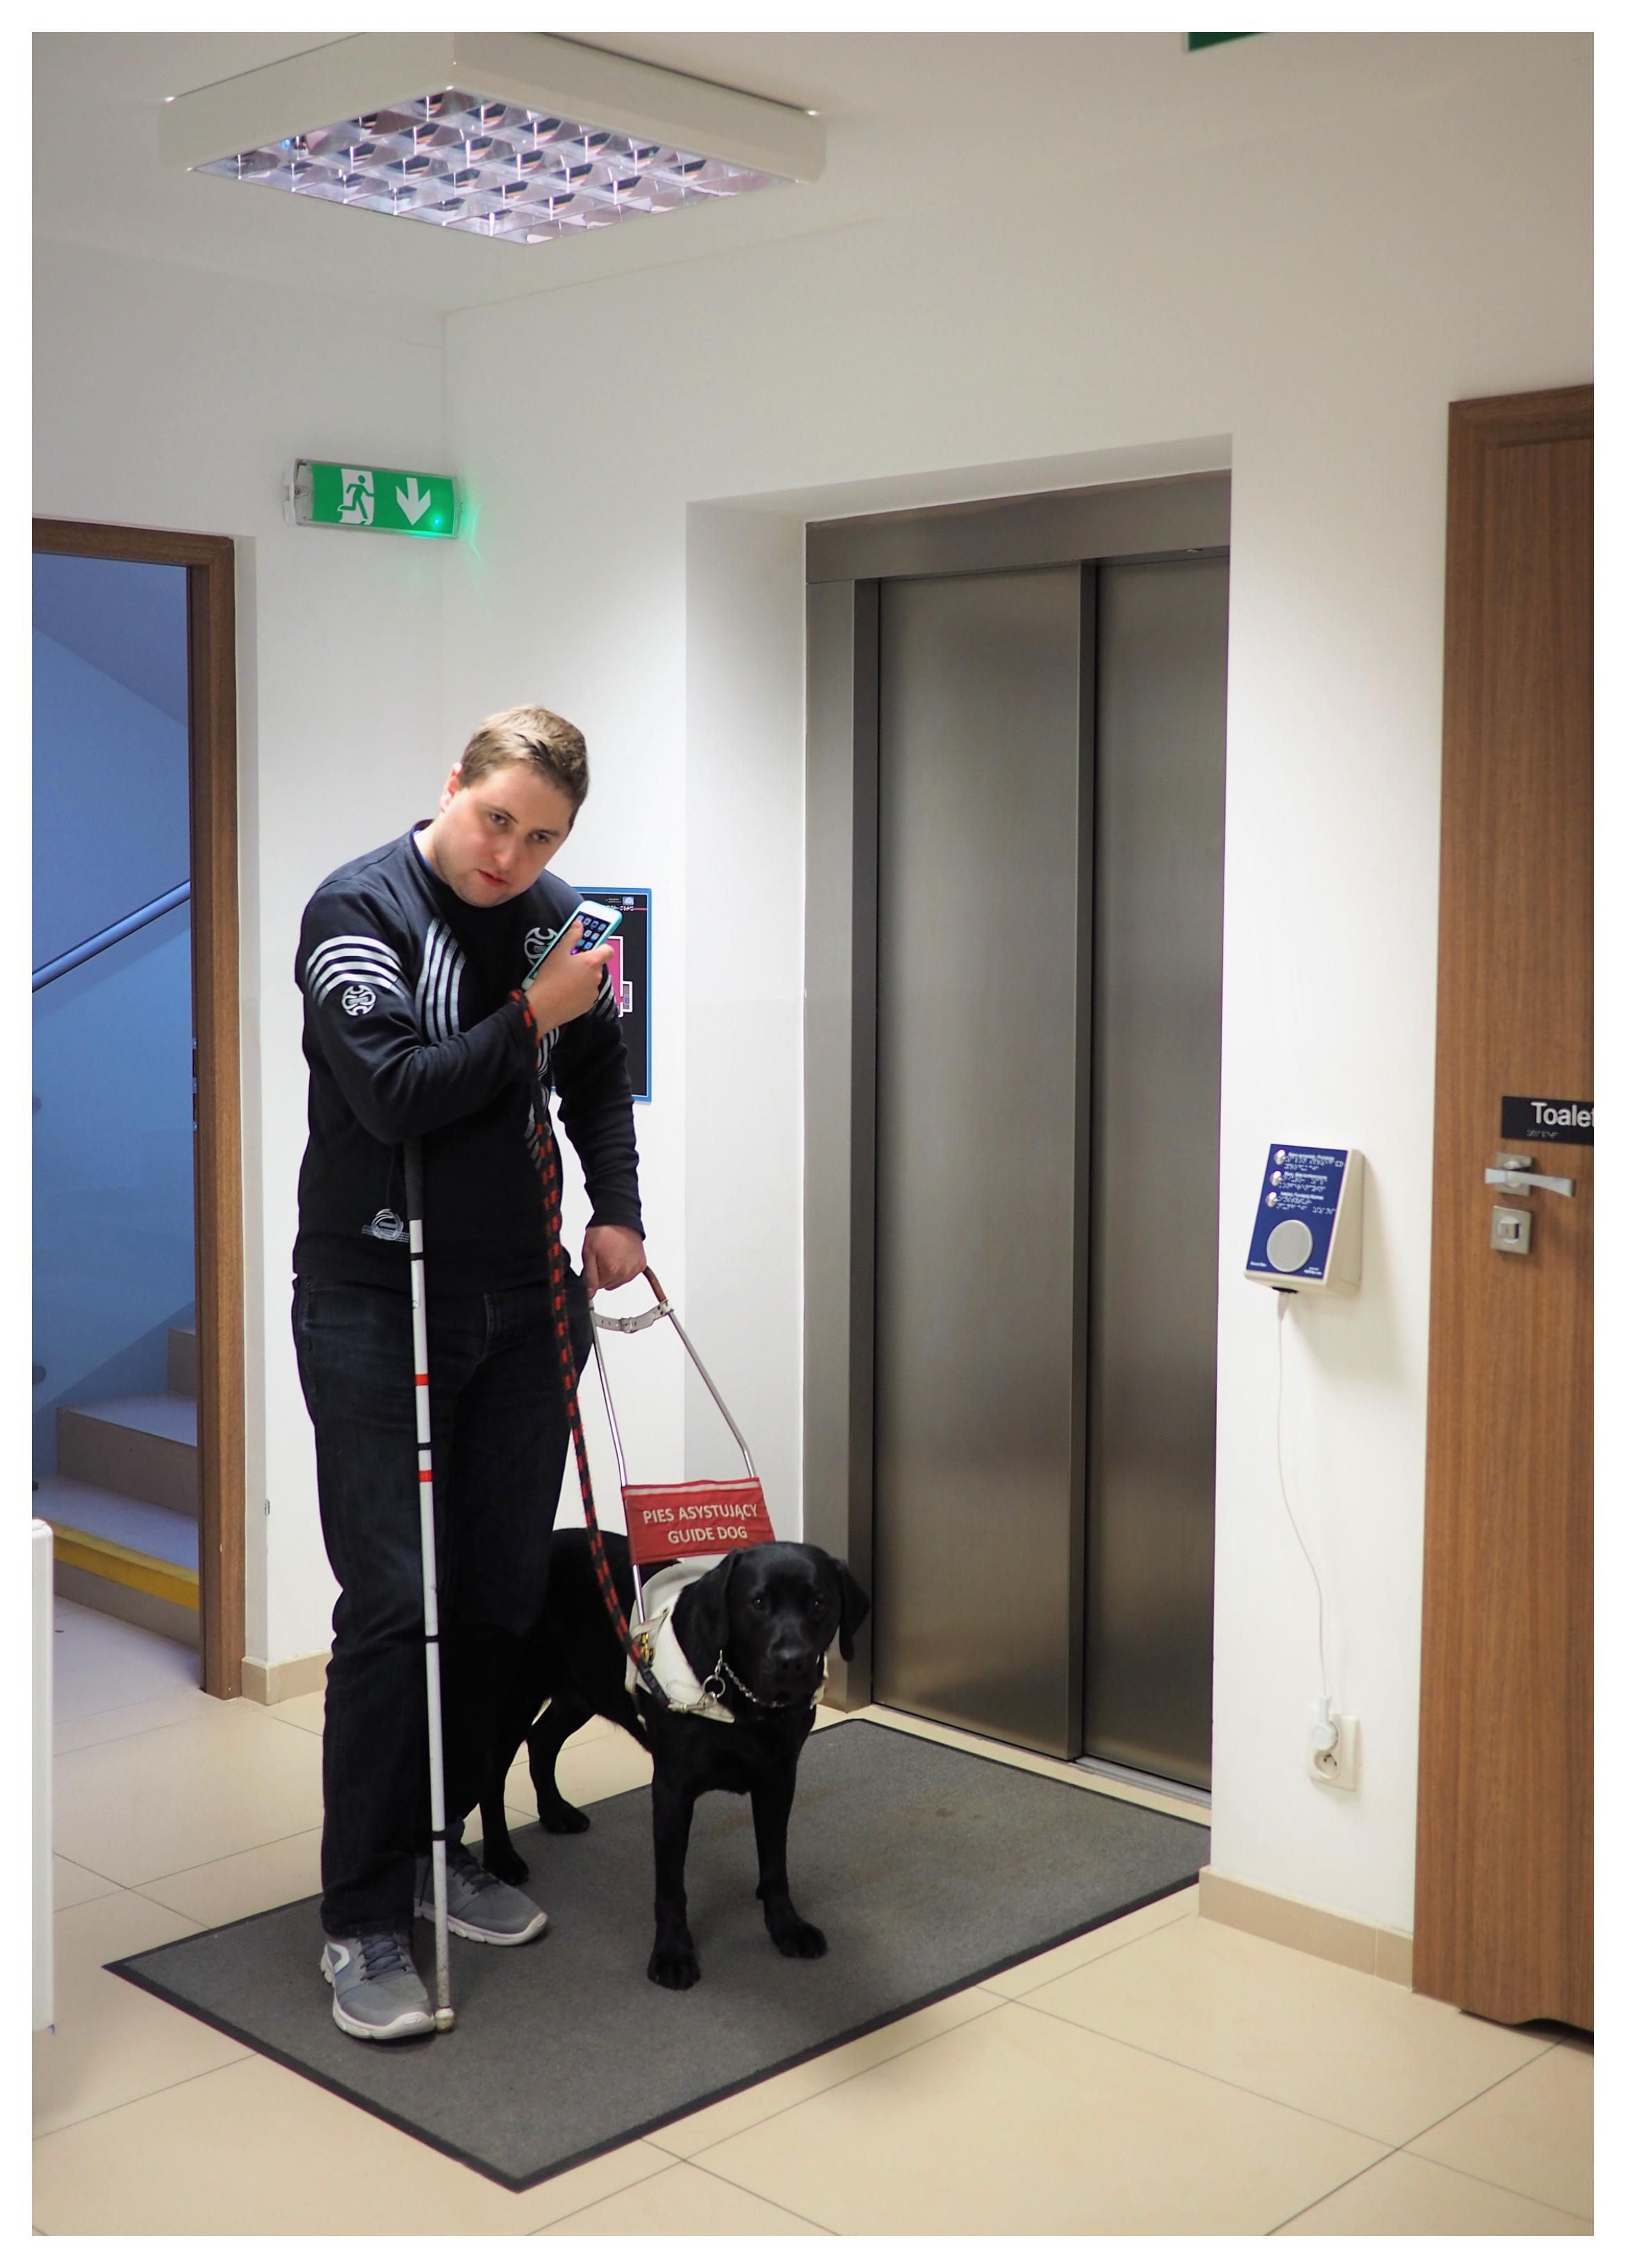 mężczyzna z psem i laską, trzyma przy uchu telefon, za nim winda